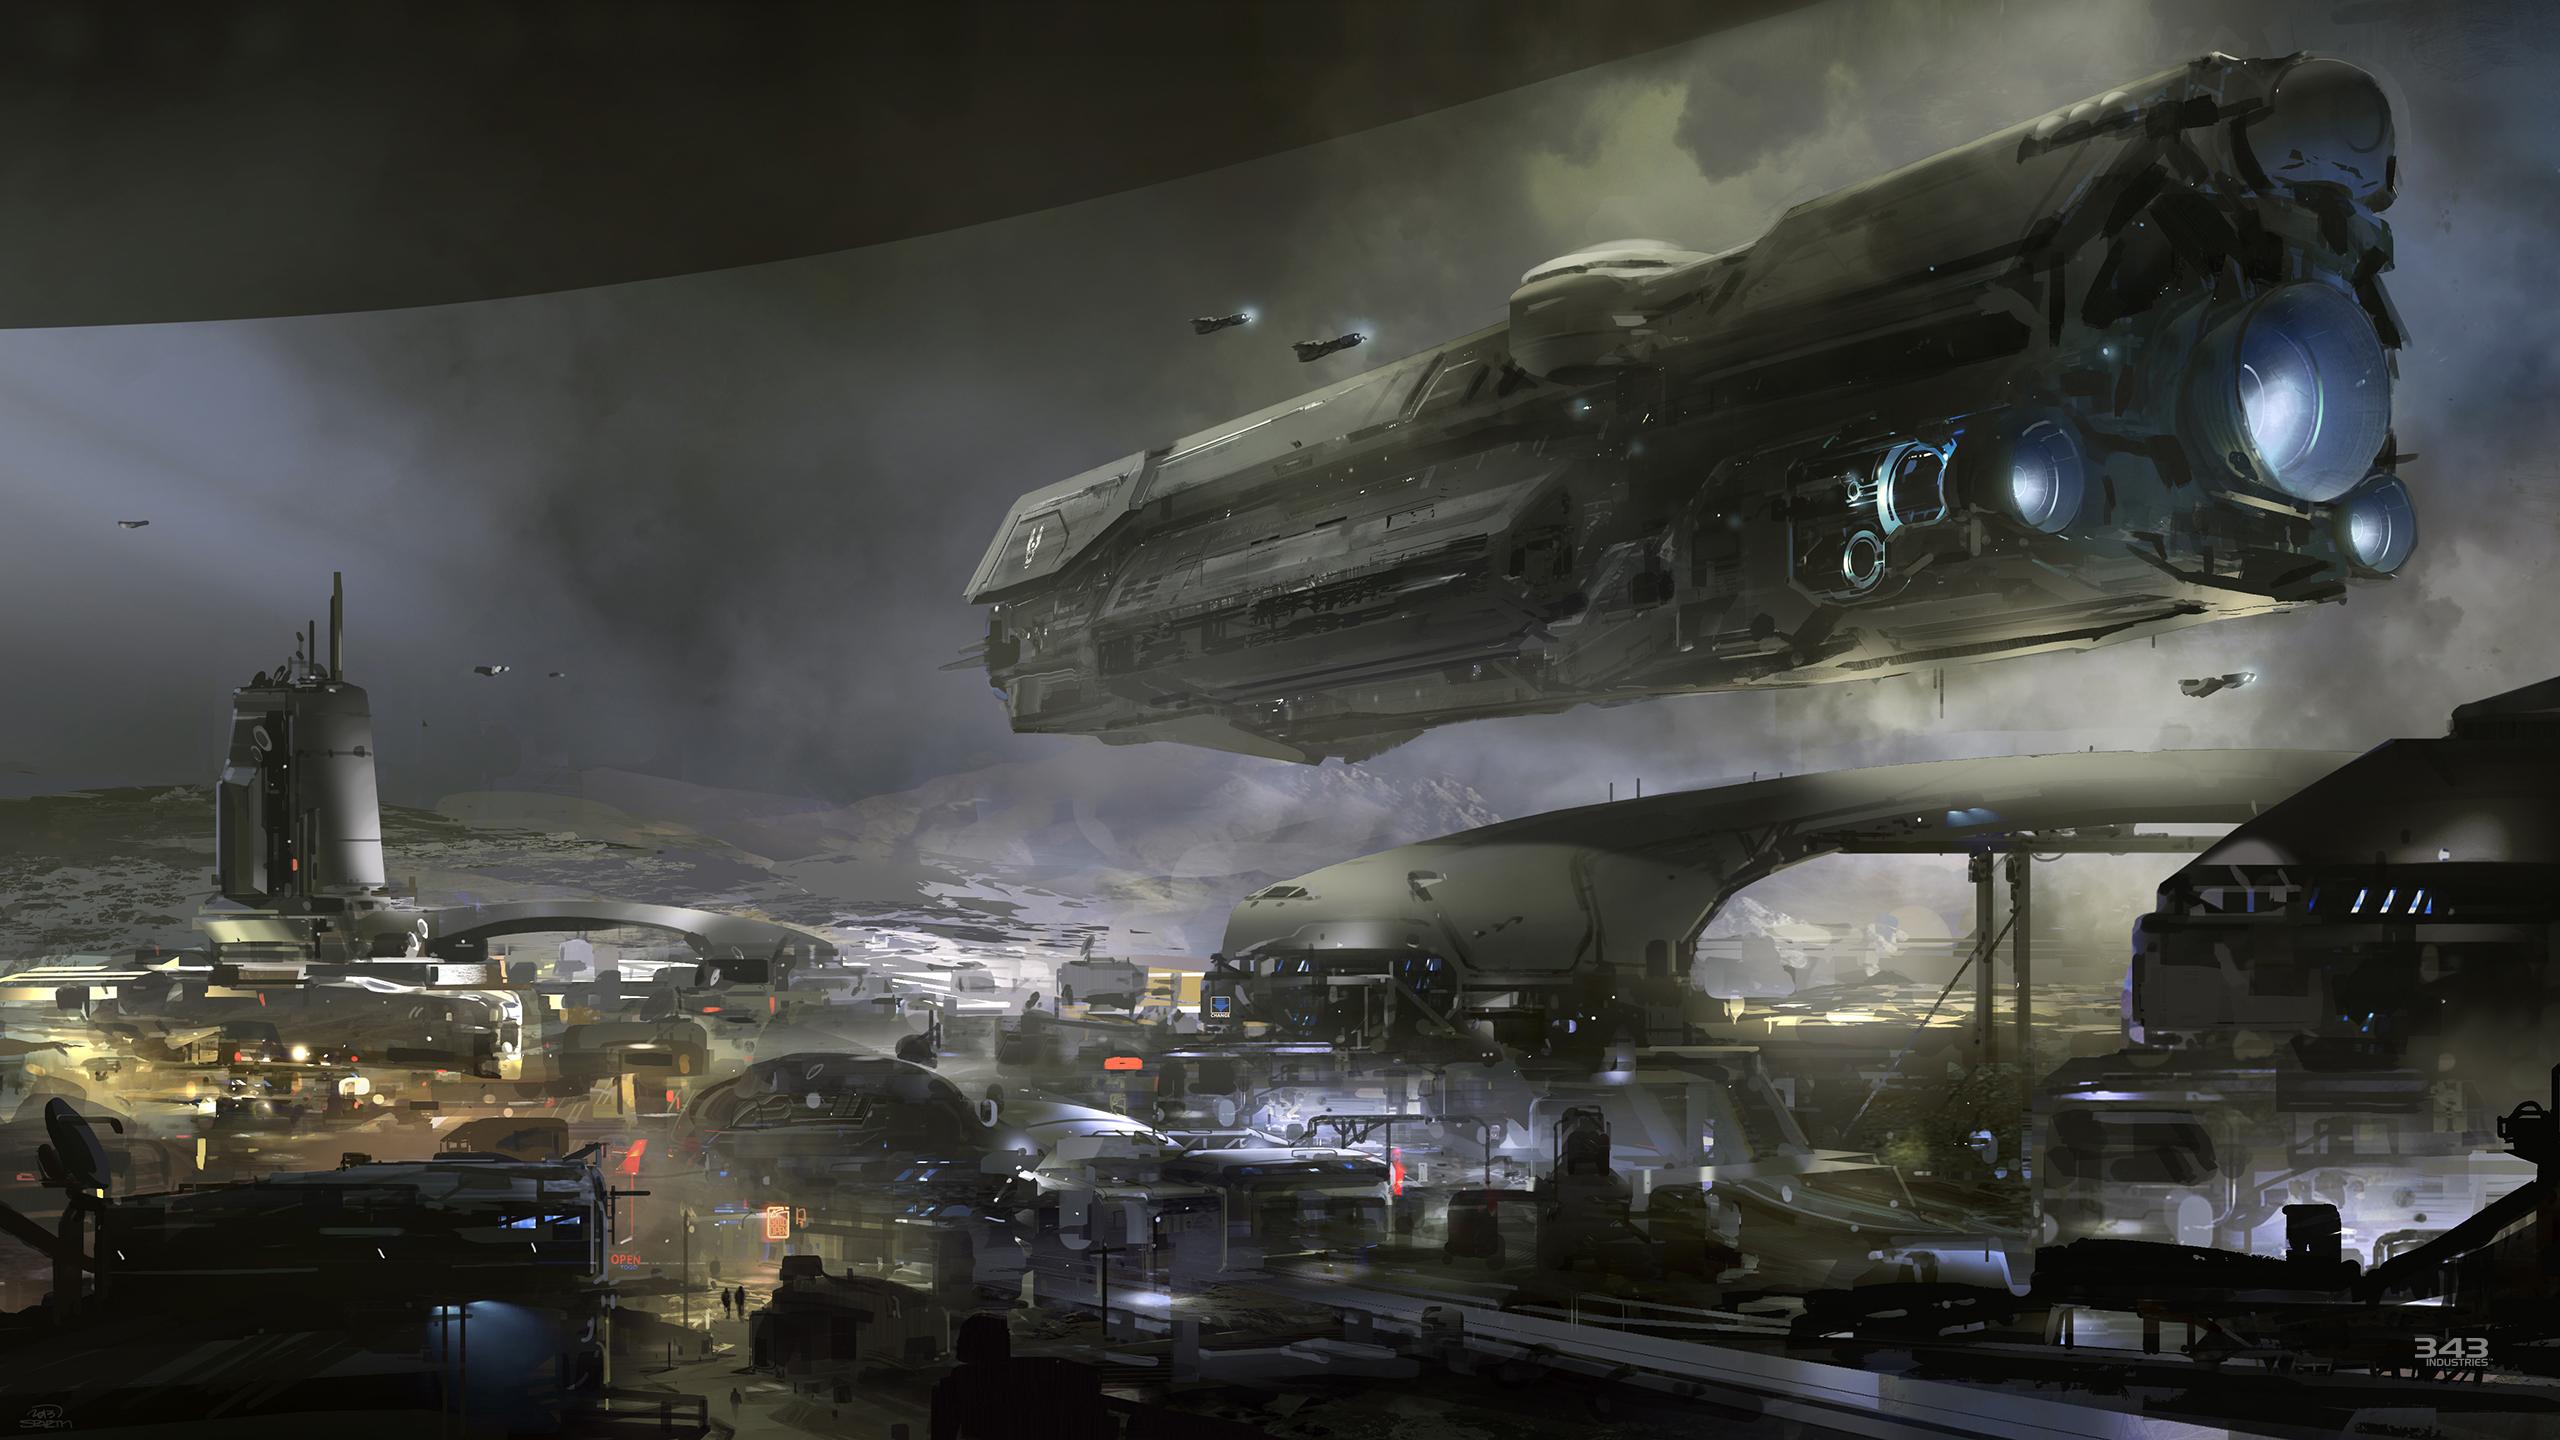 Prévia da nova Série Halo